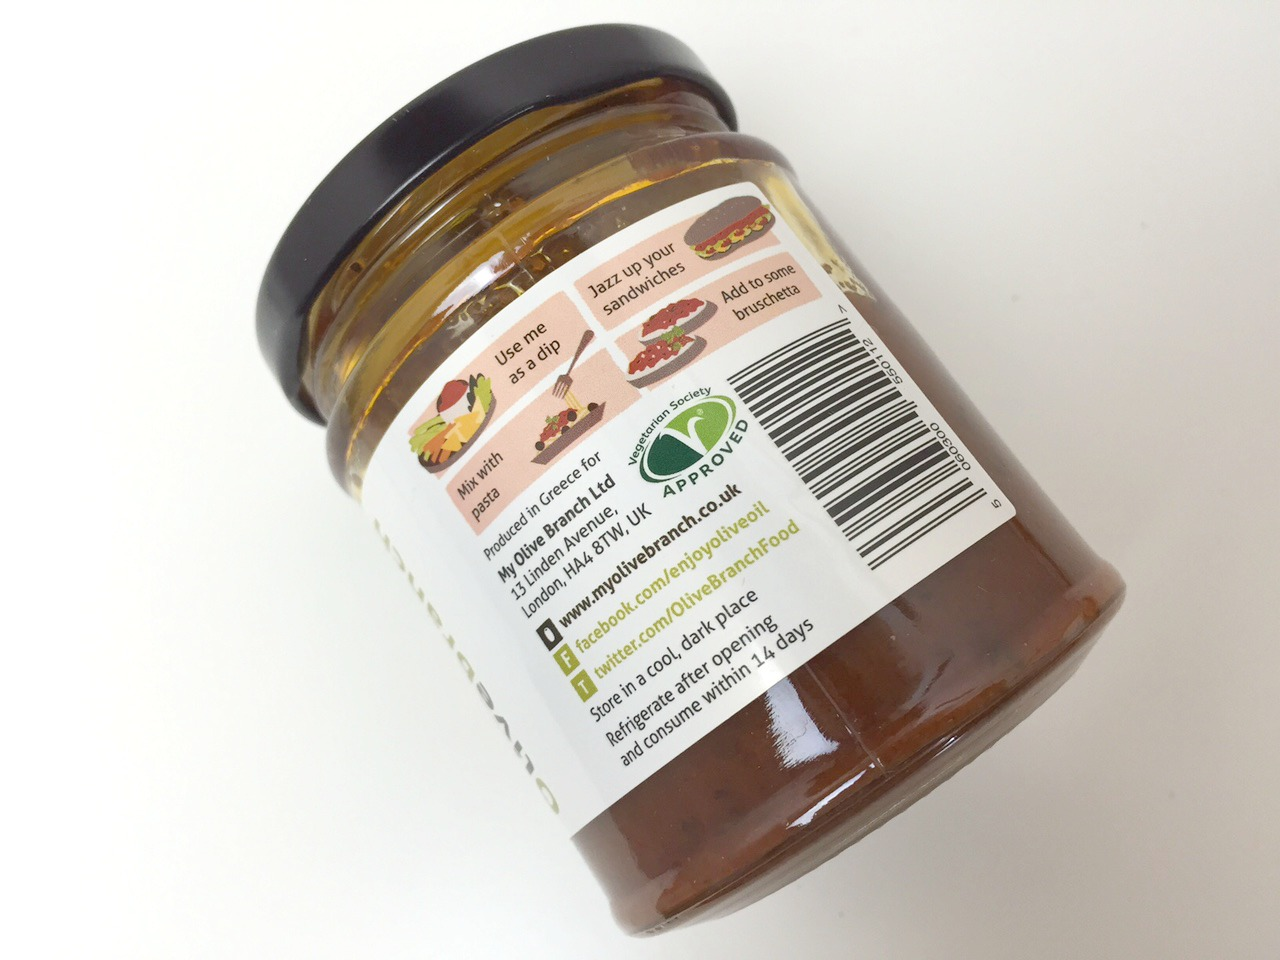 Olivebranch Sun Dried Tomato Paste